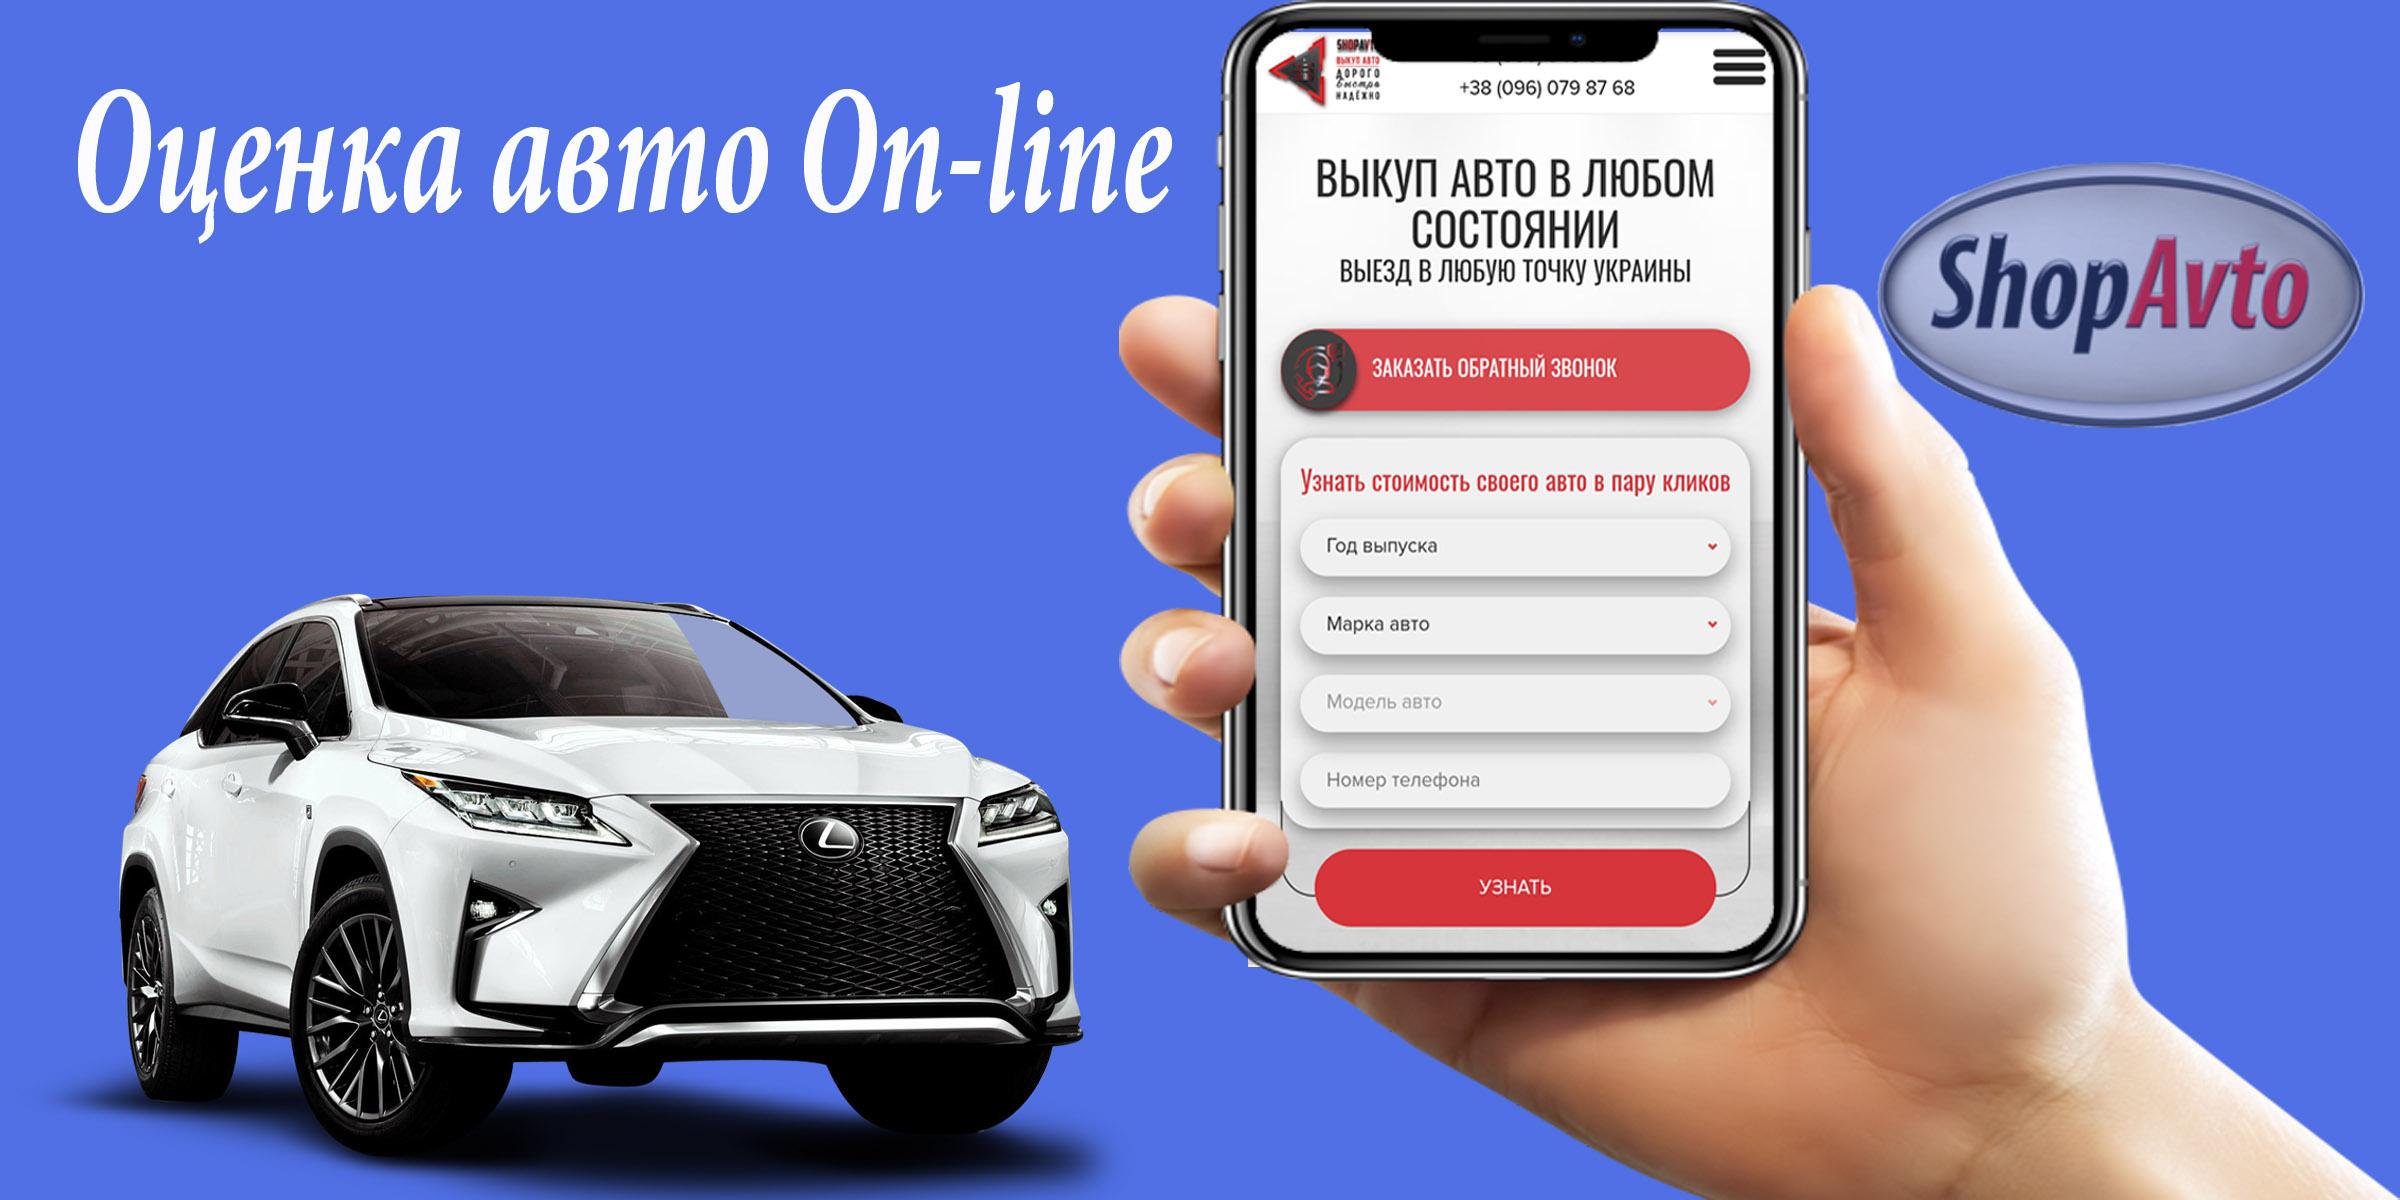 На первом этапе наши специалисты помогут вам предварительно узнать цену авто